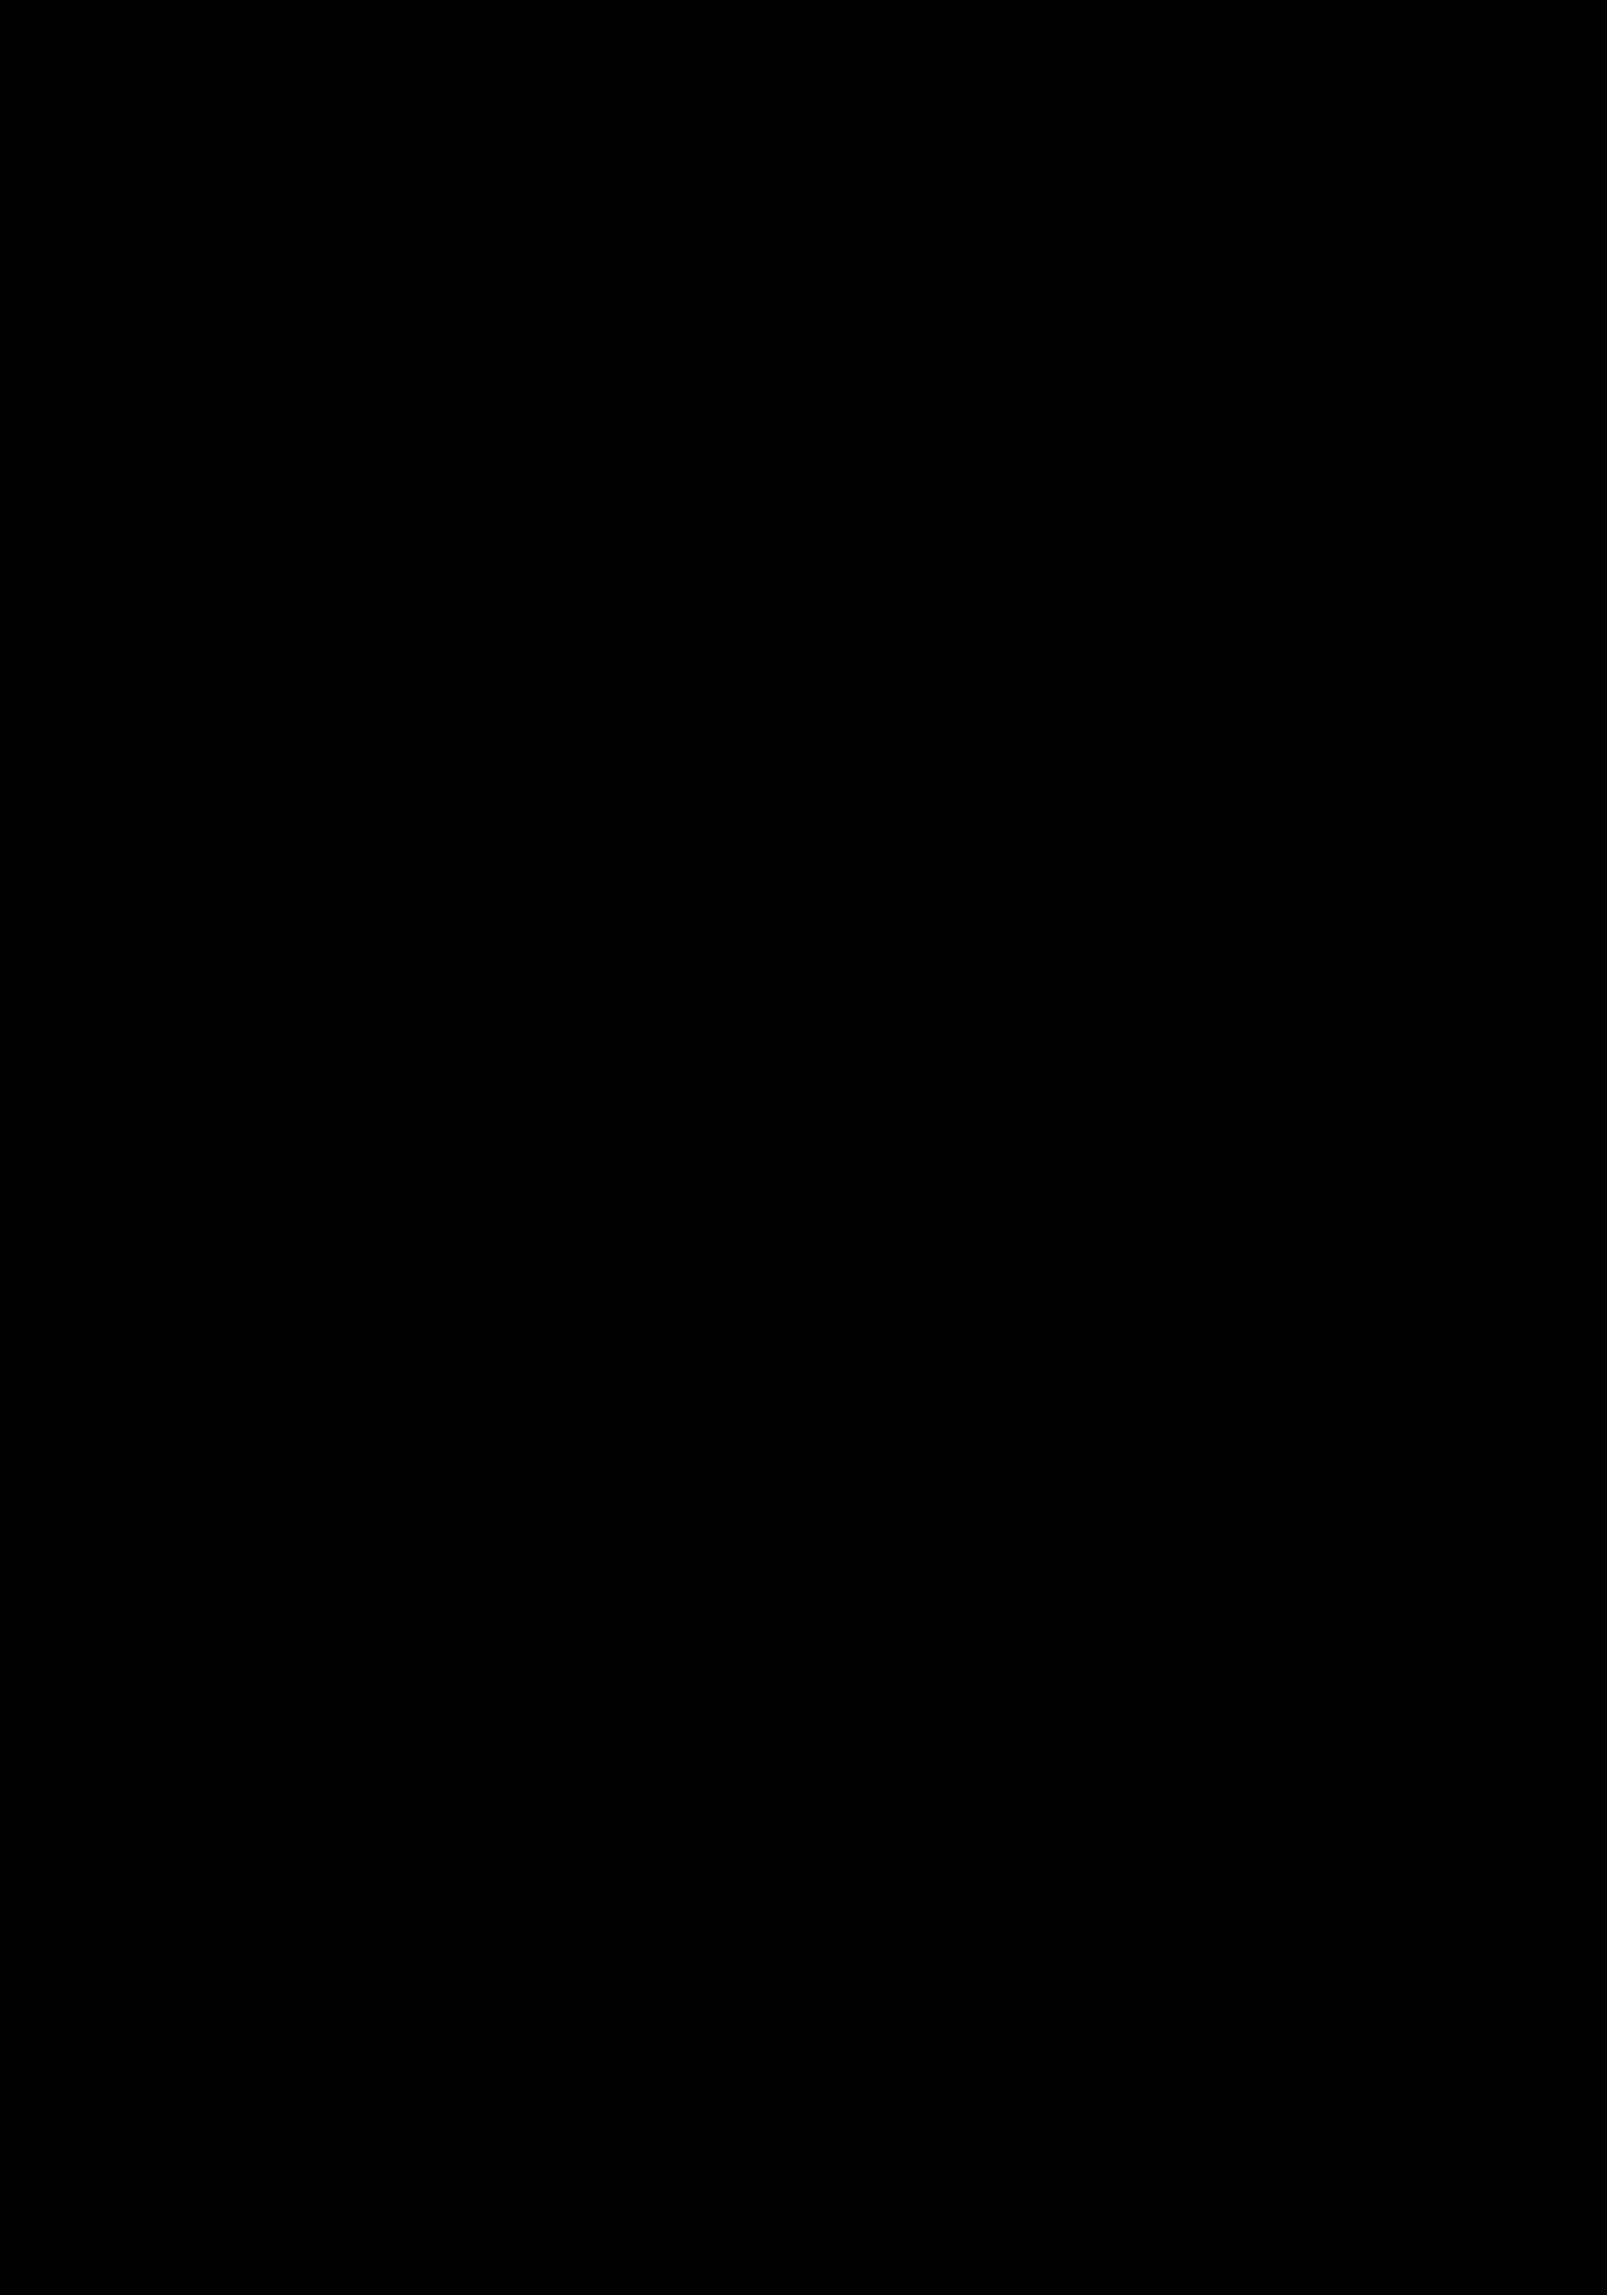 Crucifix silhouette